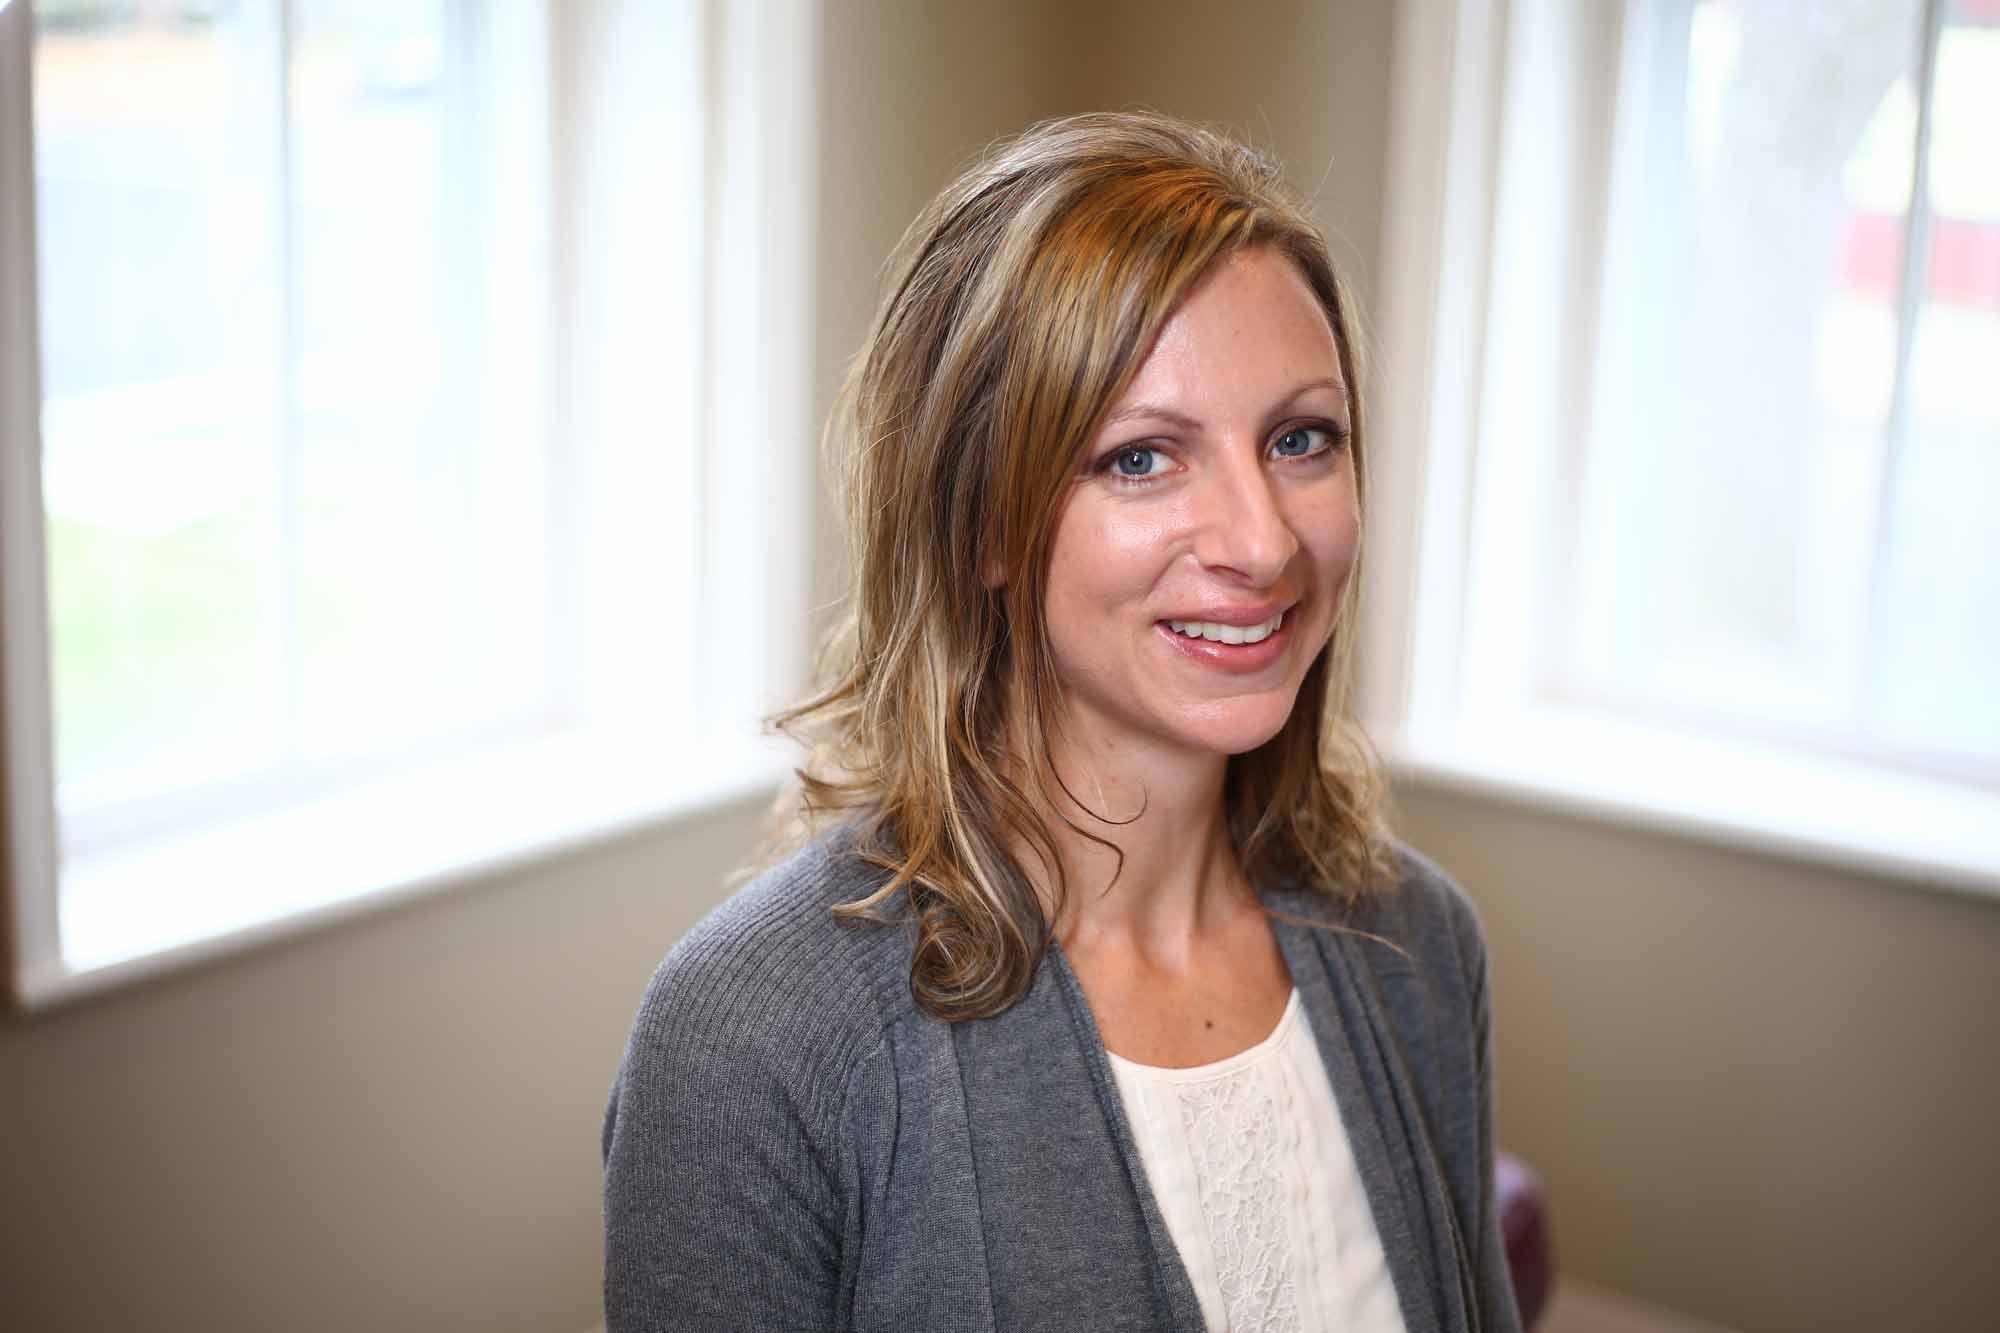 Dr. Michelle R. Simons